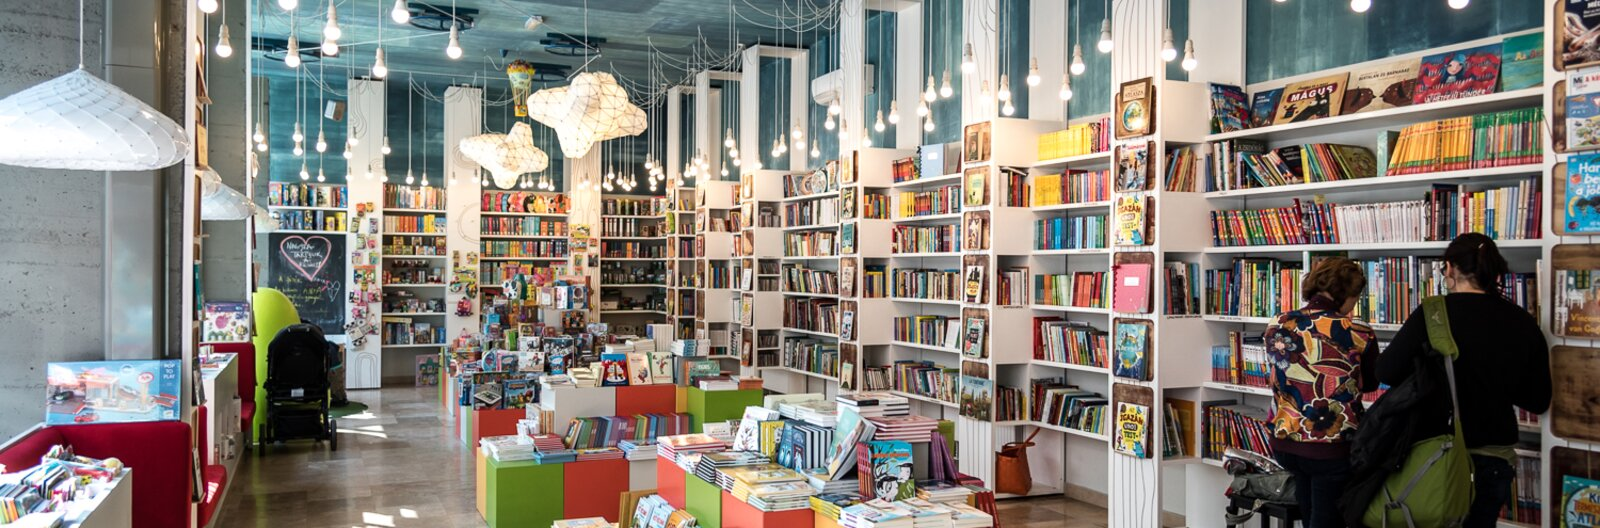 Különleges könyvesboltok, ahová mindig jó betérni nézelődni, és nehéz üres kézzel távozni